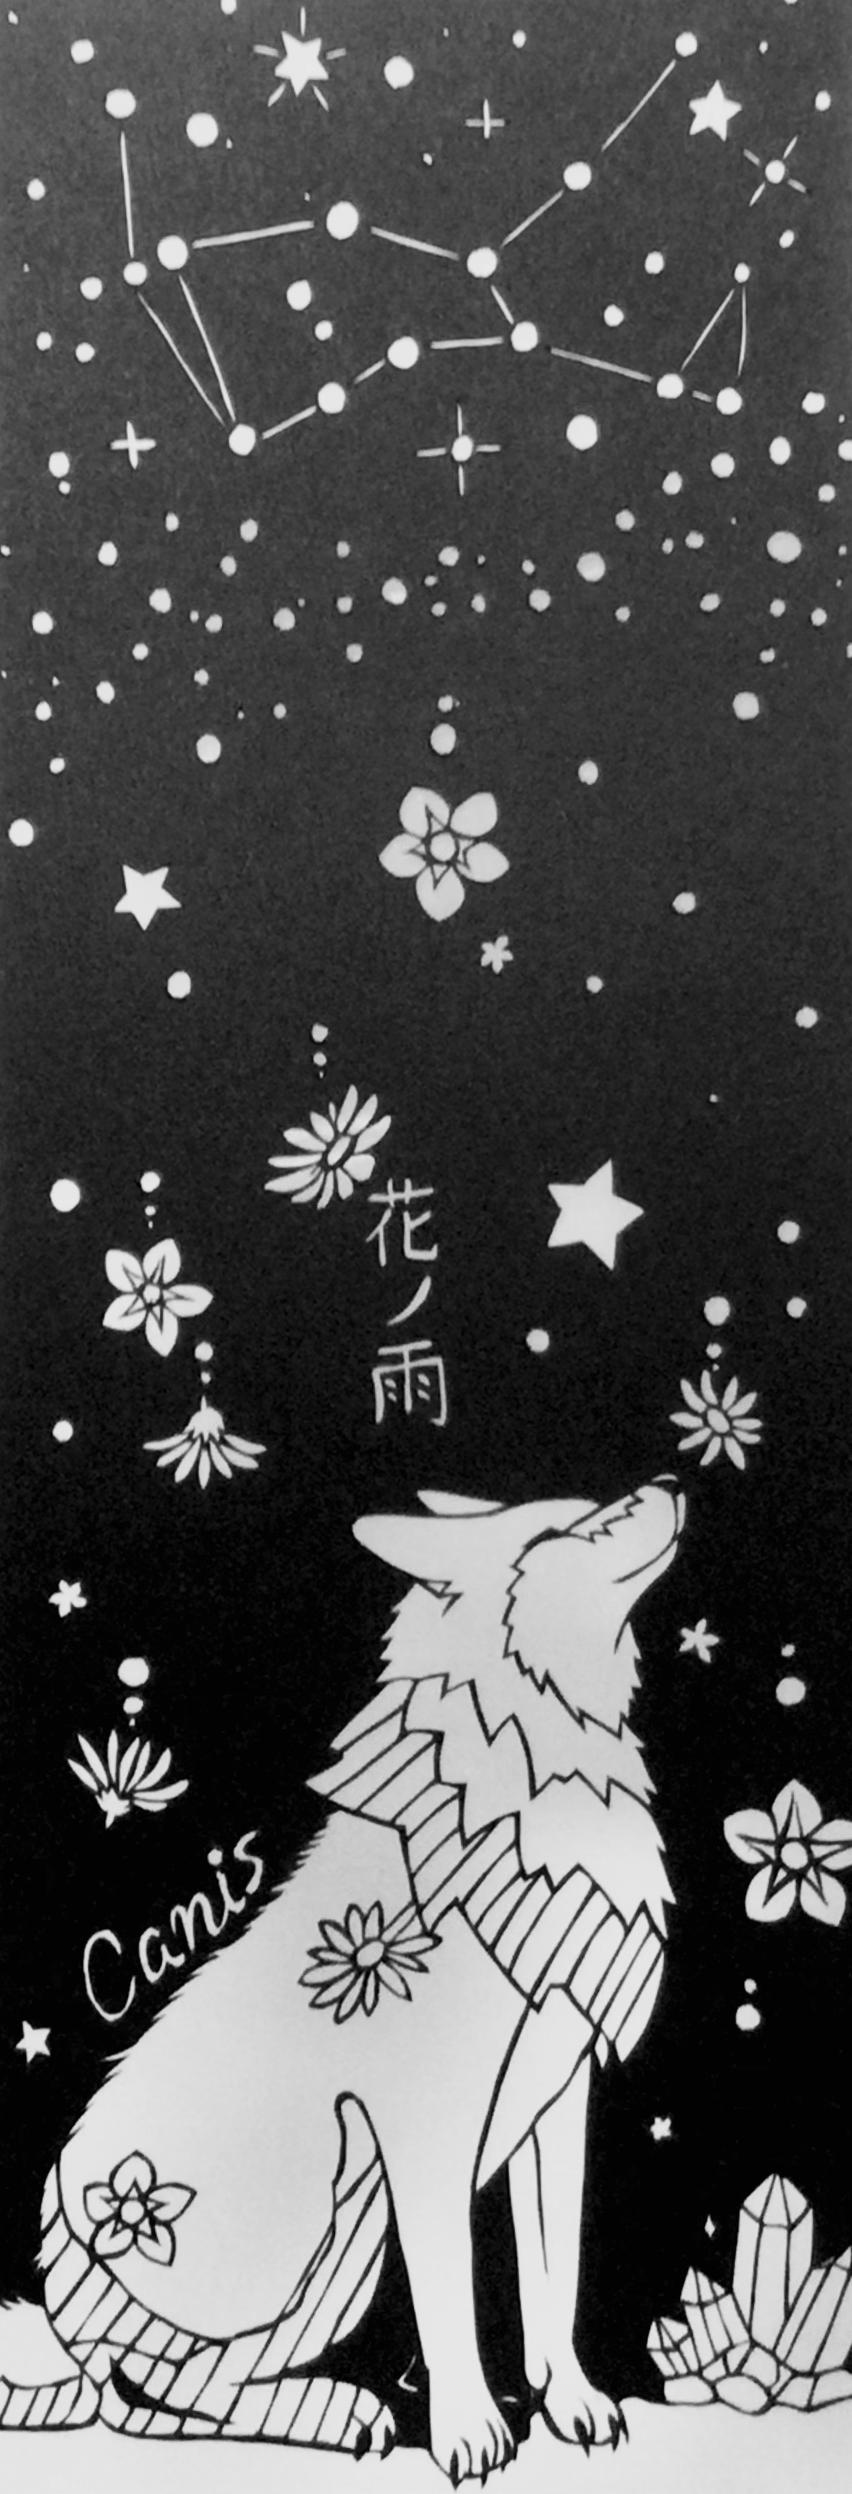 『思い出の雨』<br>作:Canis